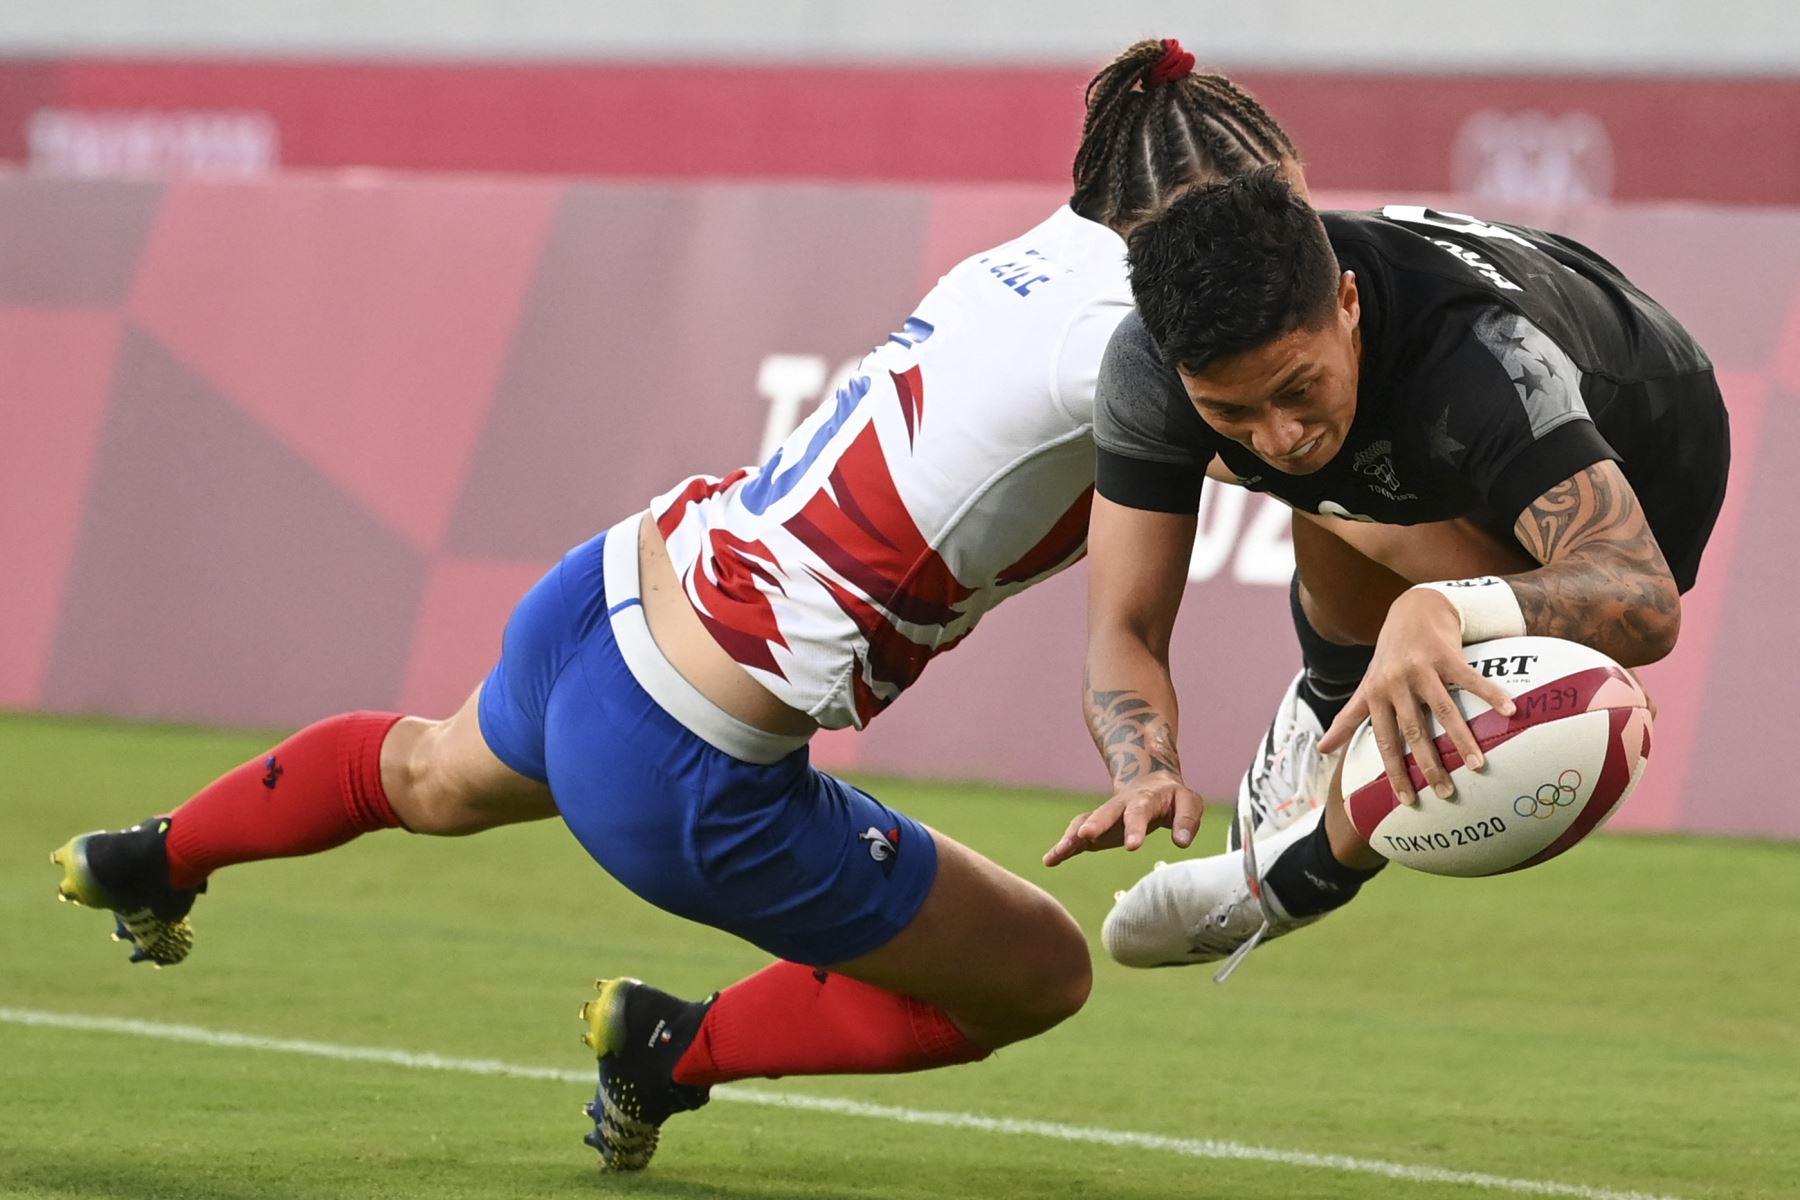 Gayle Broughton de Nueva Zelanda anota un try a pesar de una entrada de la francesa Jade Ulutule en el último partido femenino de rugby durante los Juegos Olímpicos de Tokio 2020. Foto: AFP